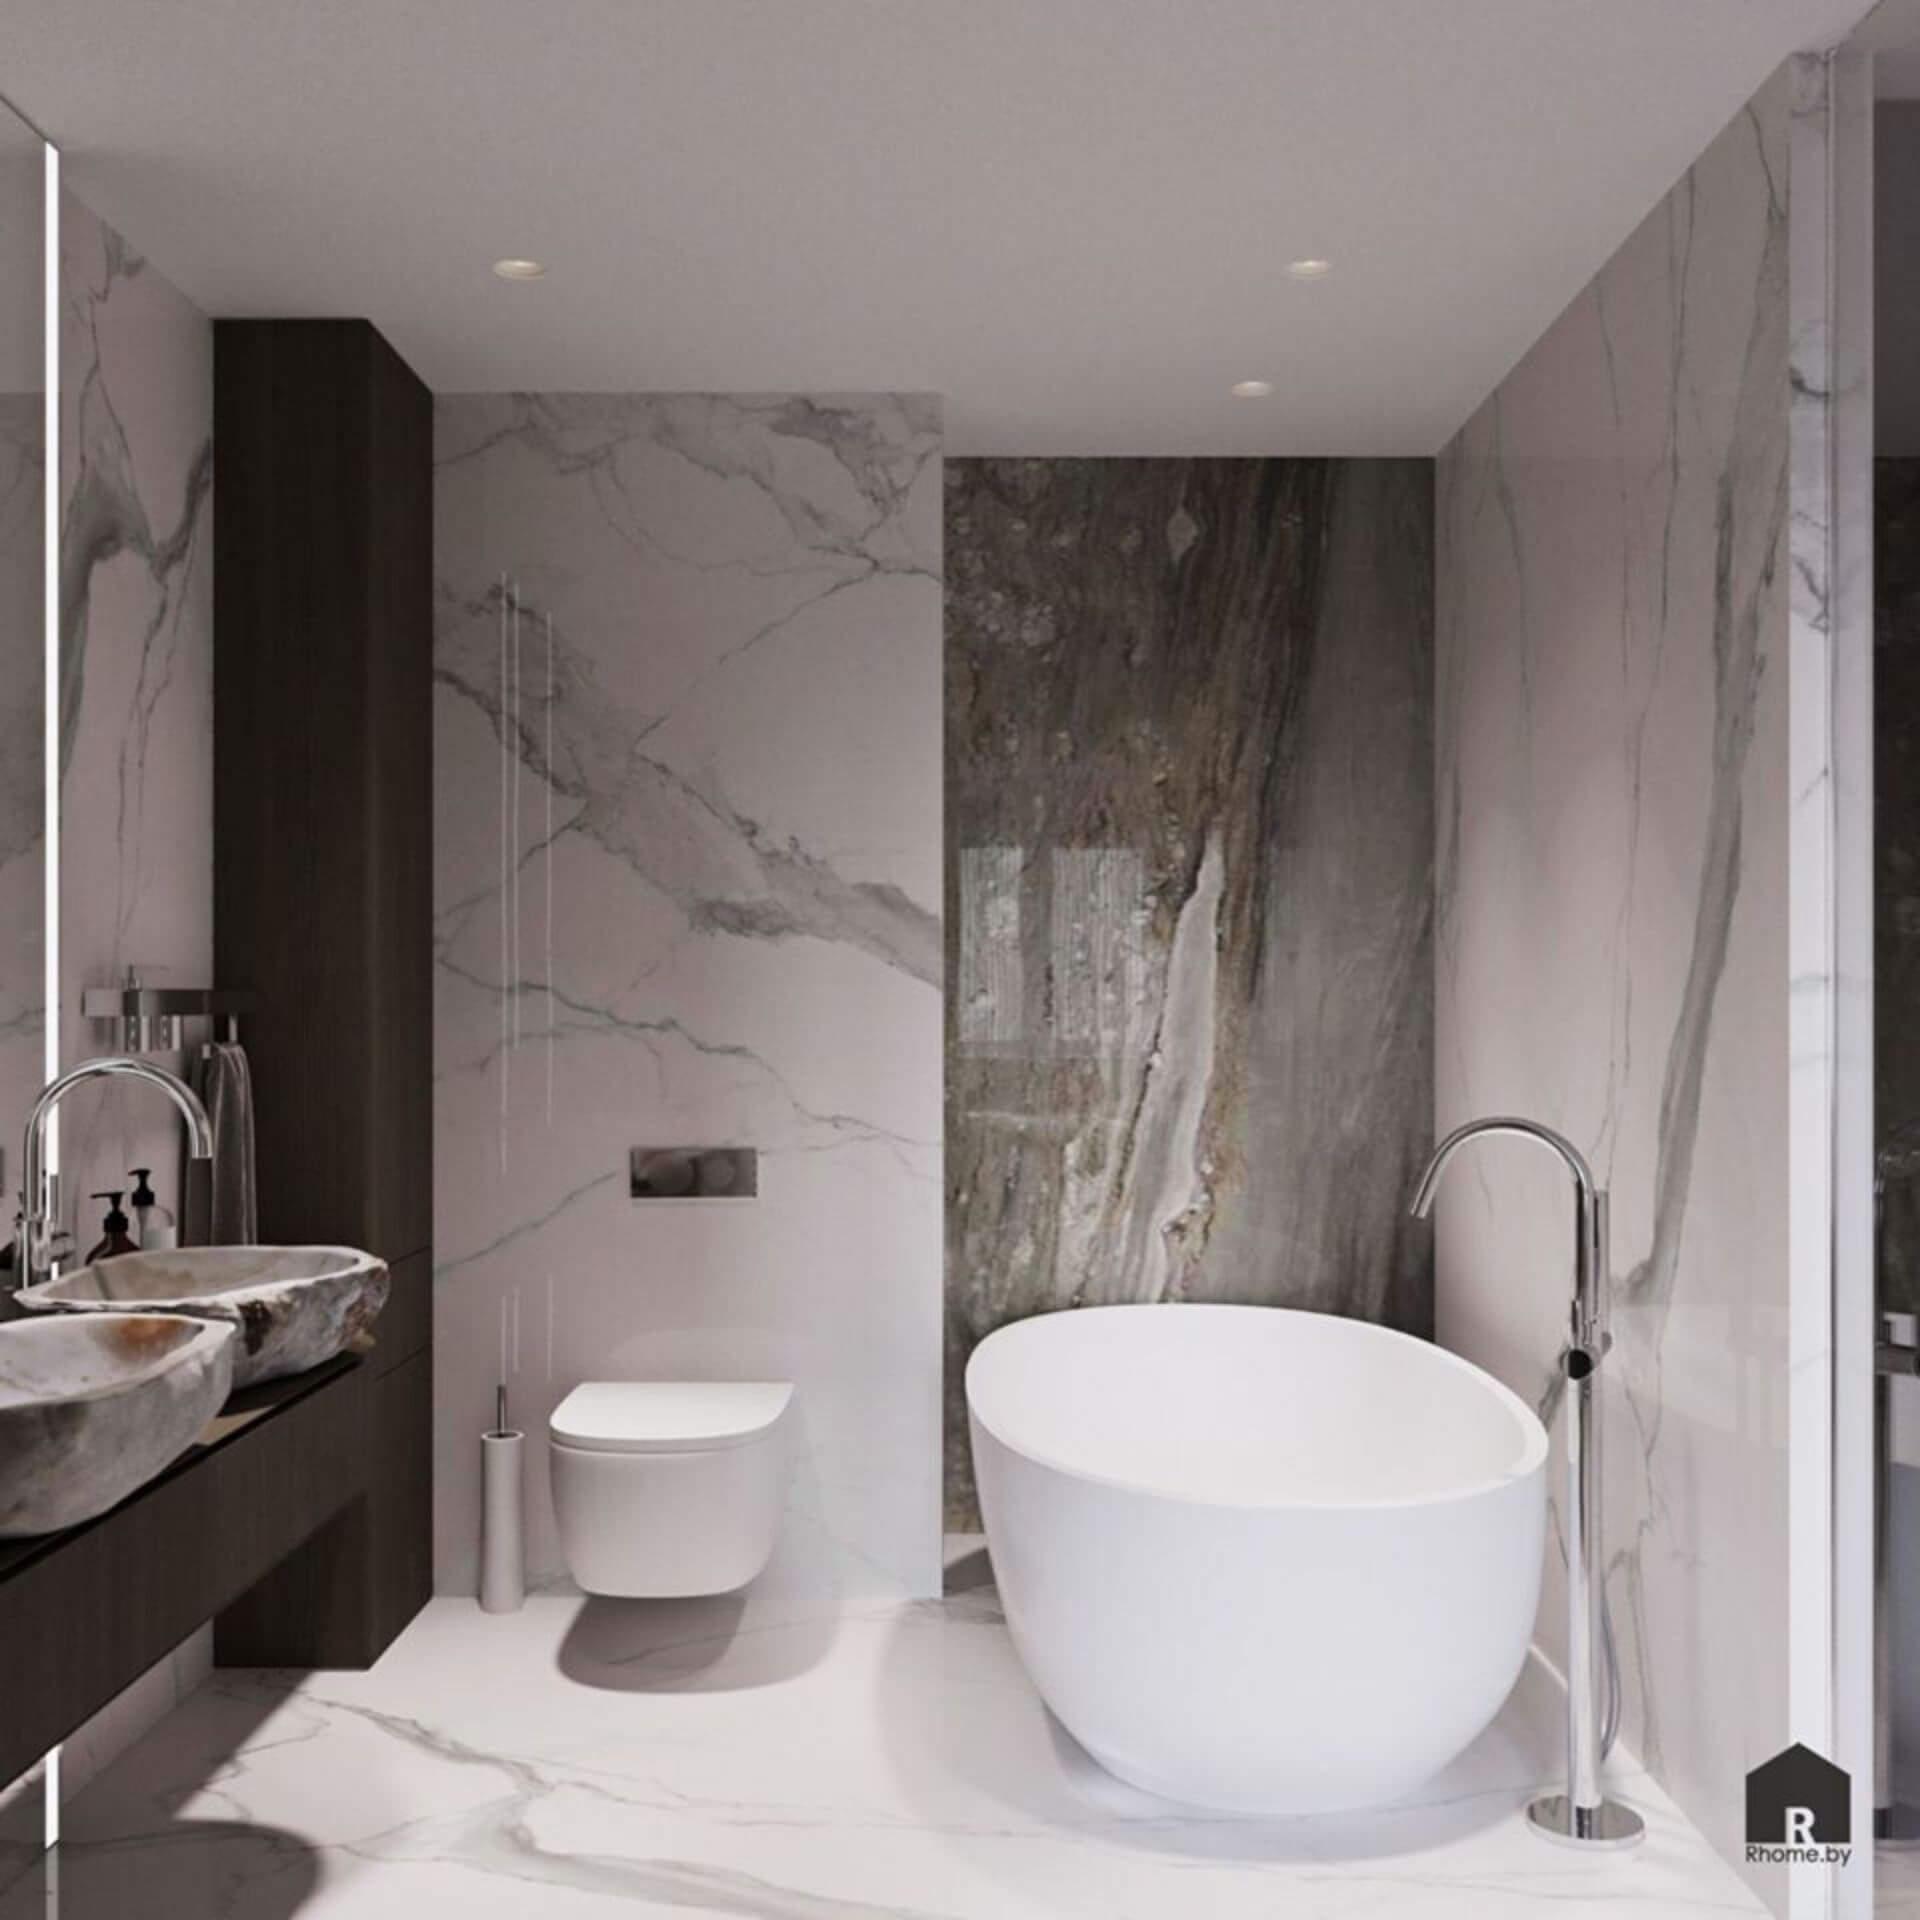 Серый санузел с отдельностоящей белой ванной и стенами под камень.